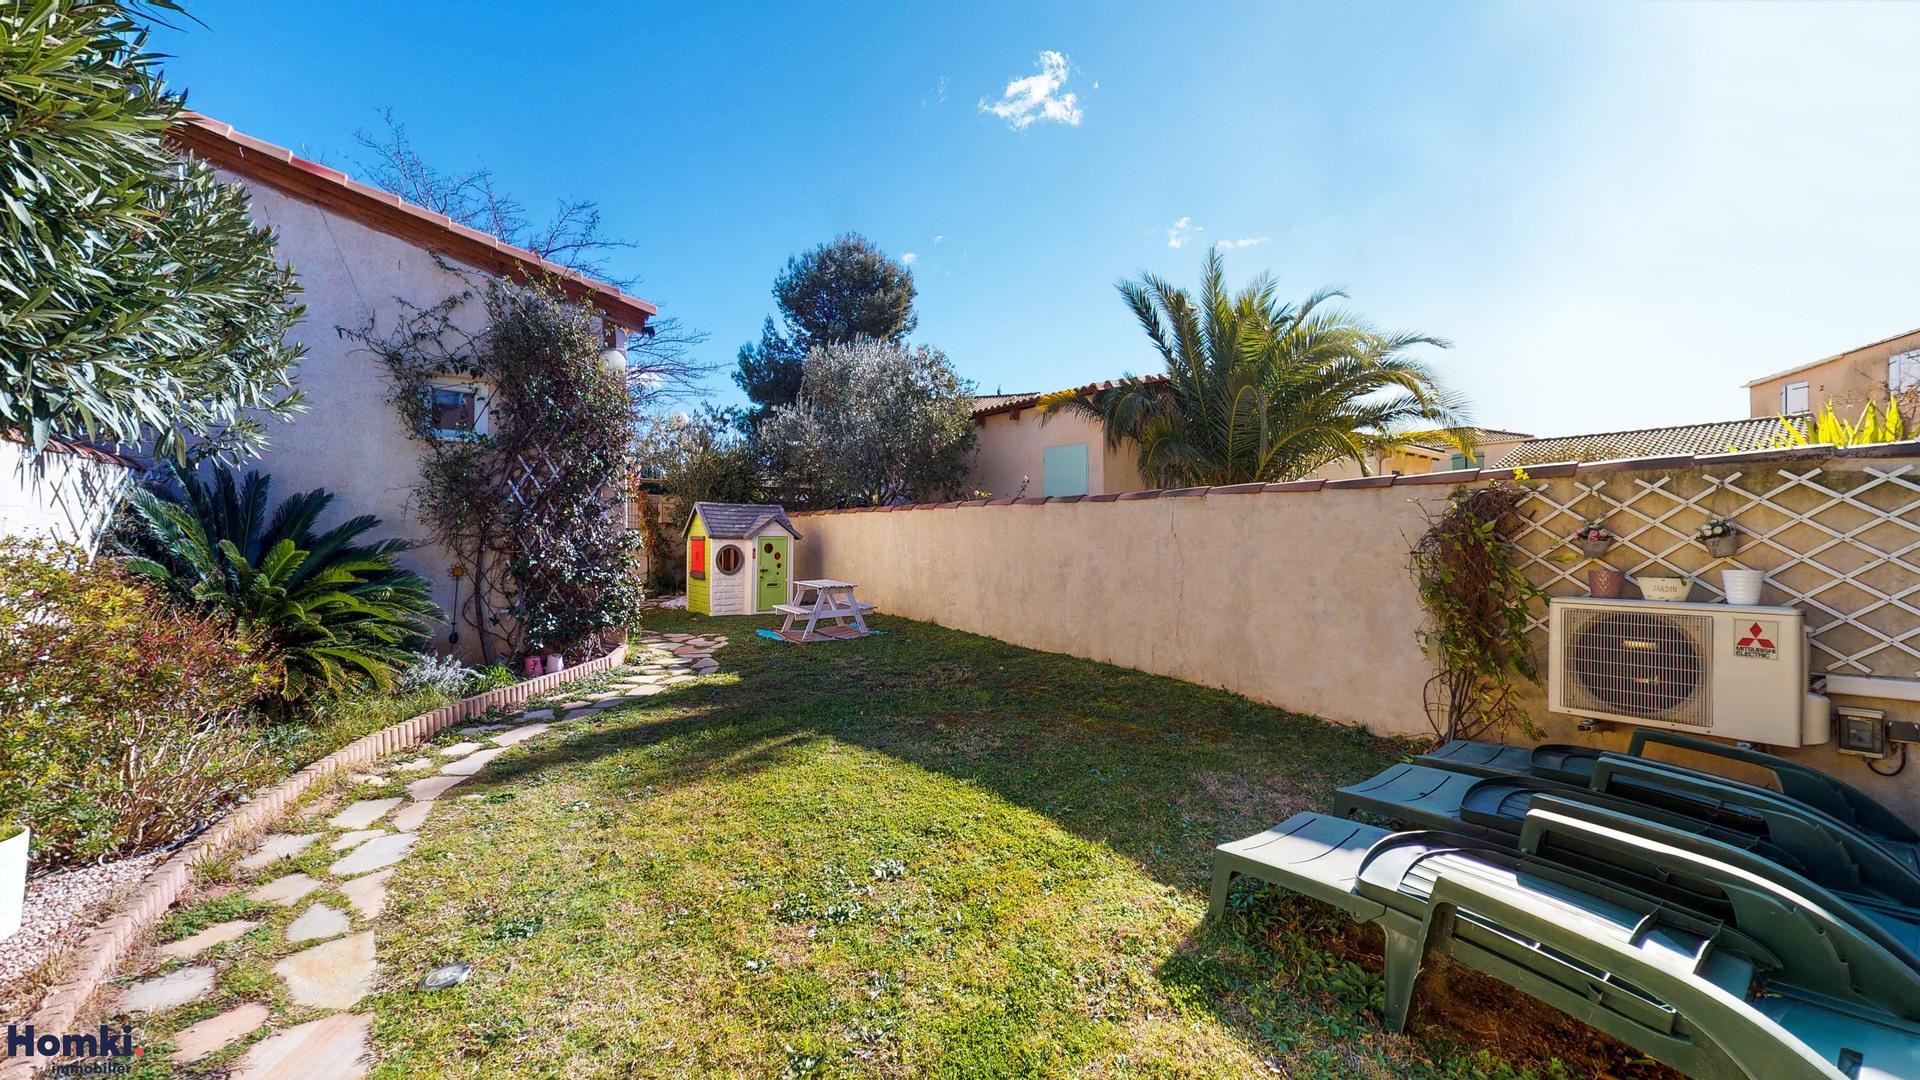 Vente Maison 80 m² T4 13127_2